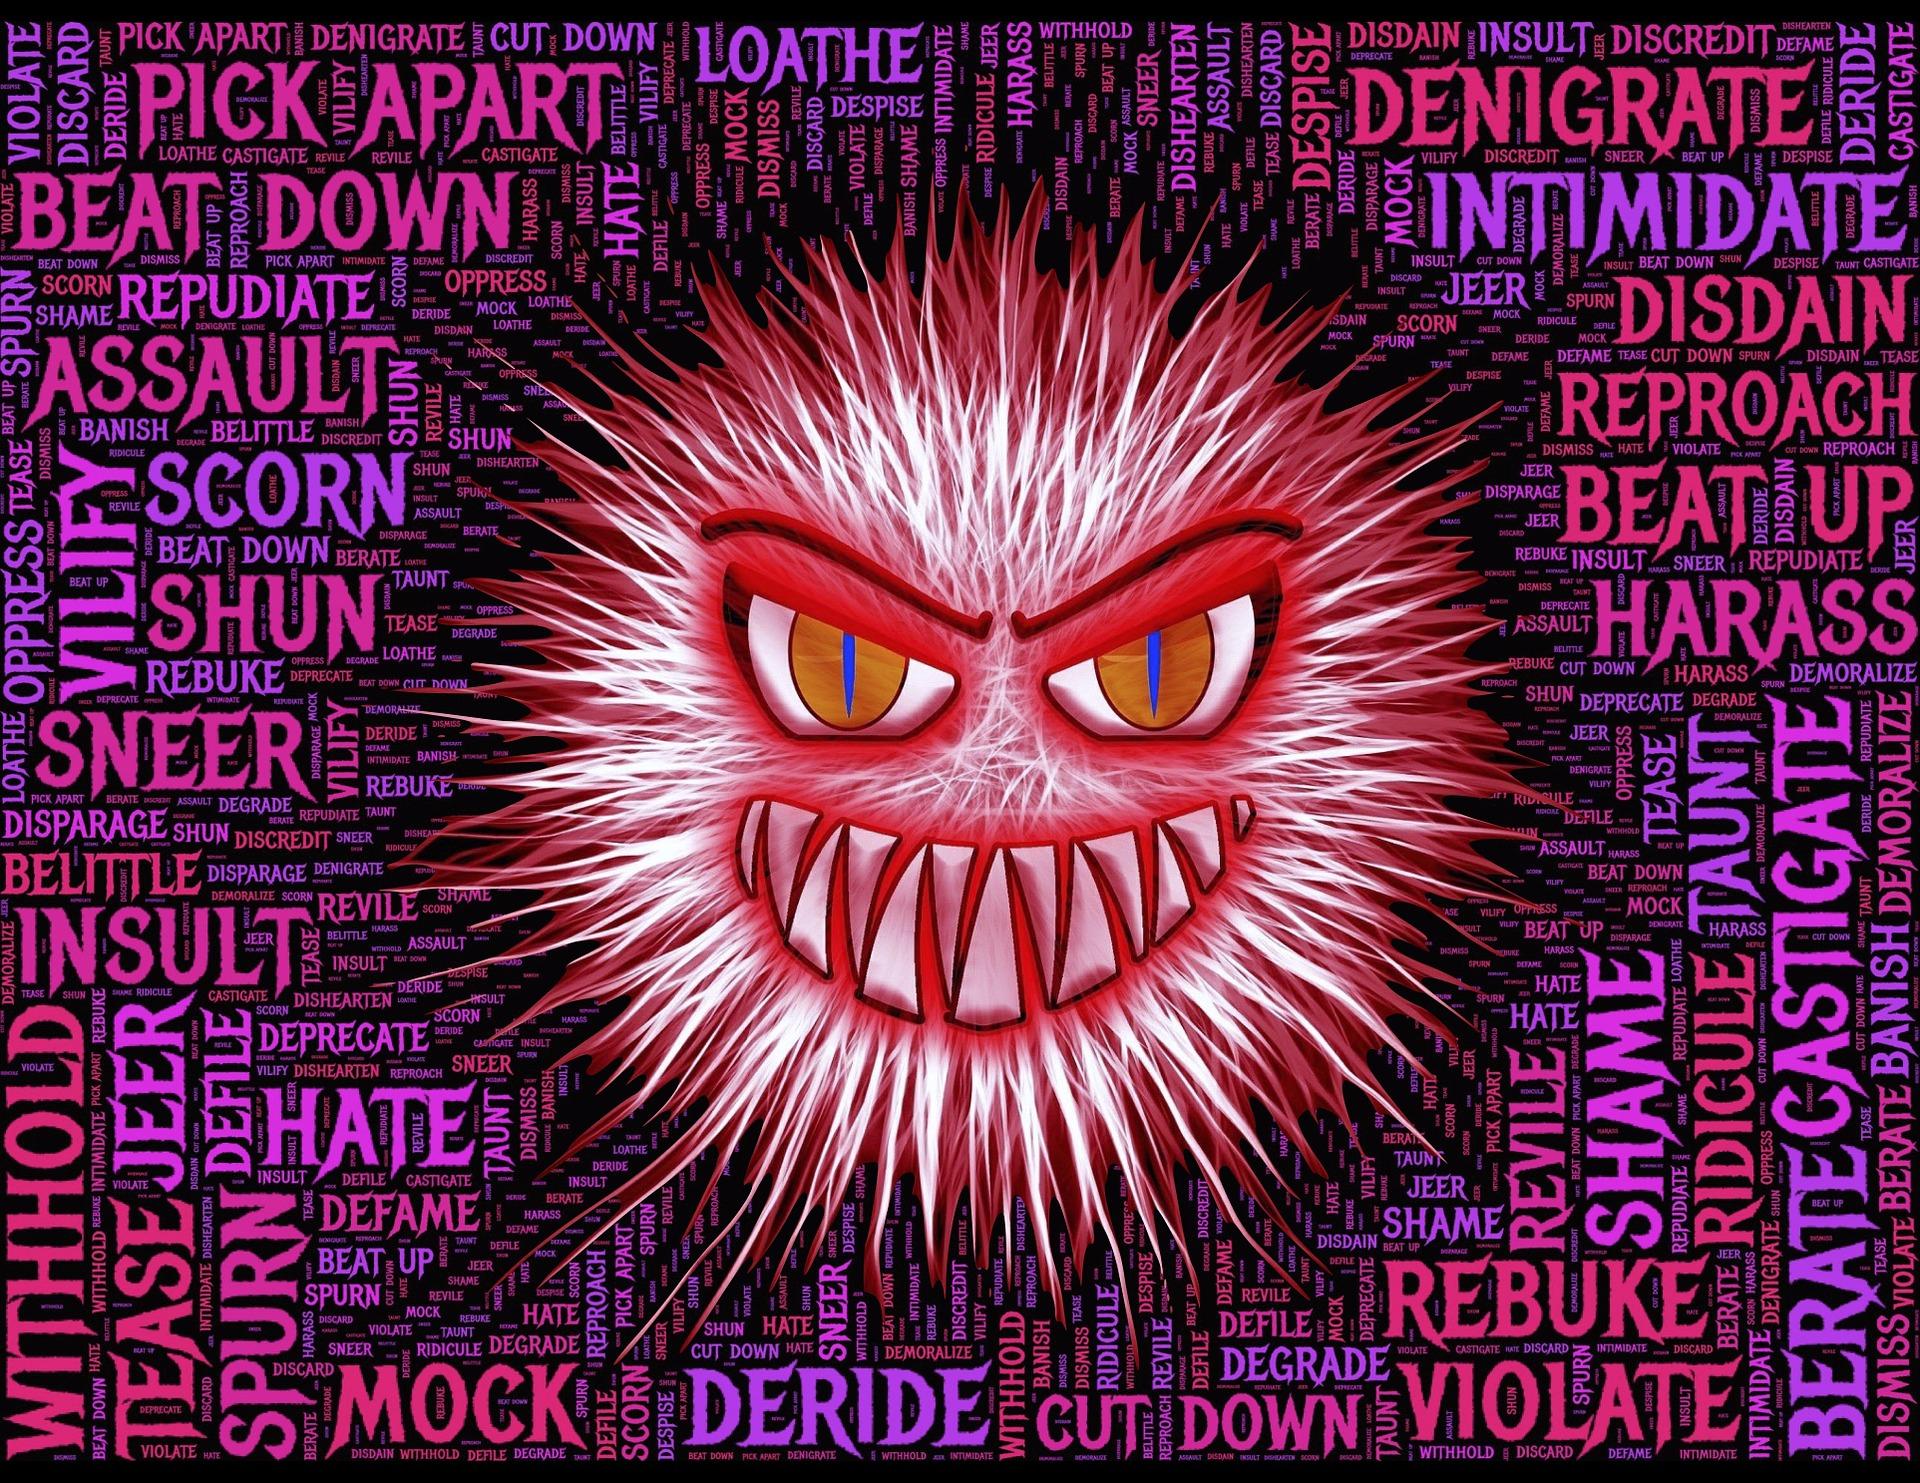 【胡全威觀點】疫情恐慌中,也別讓「惡言惡語」傷害了人心